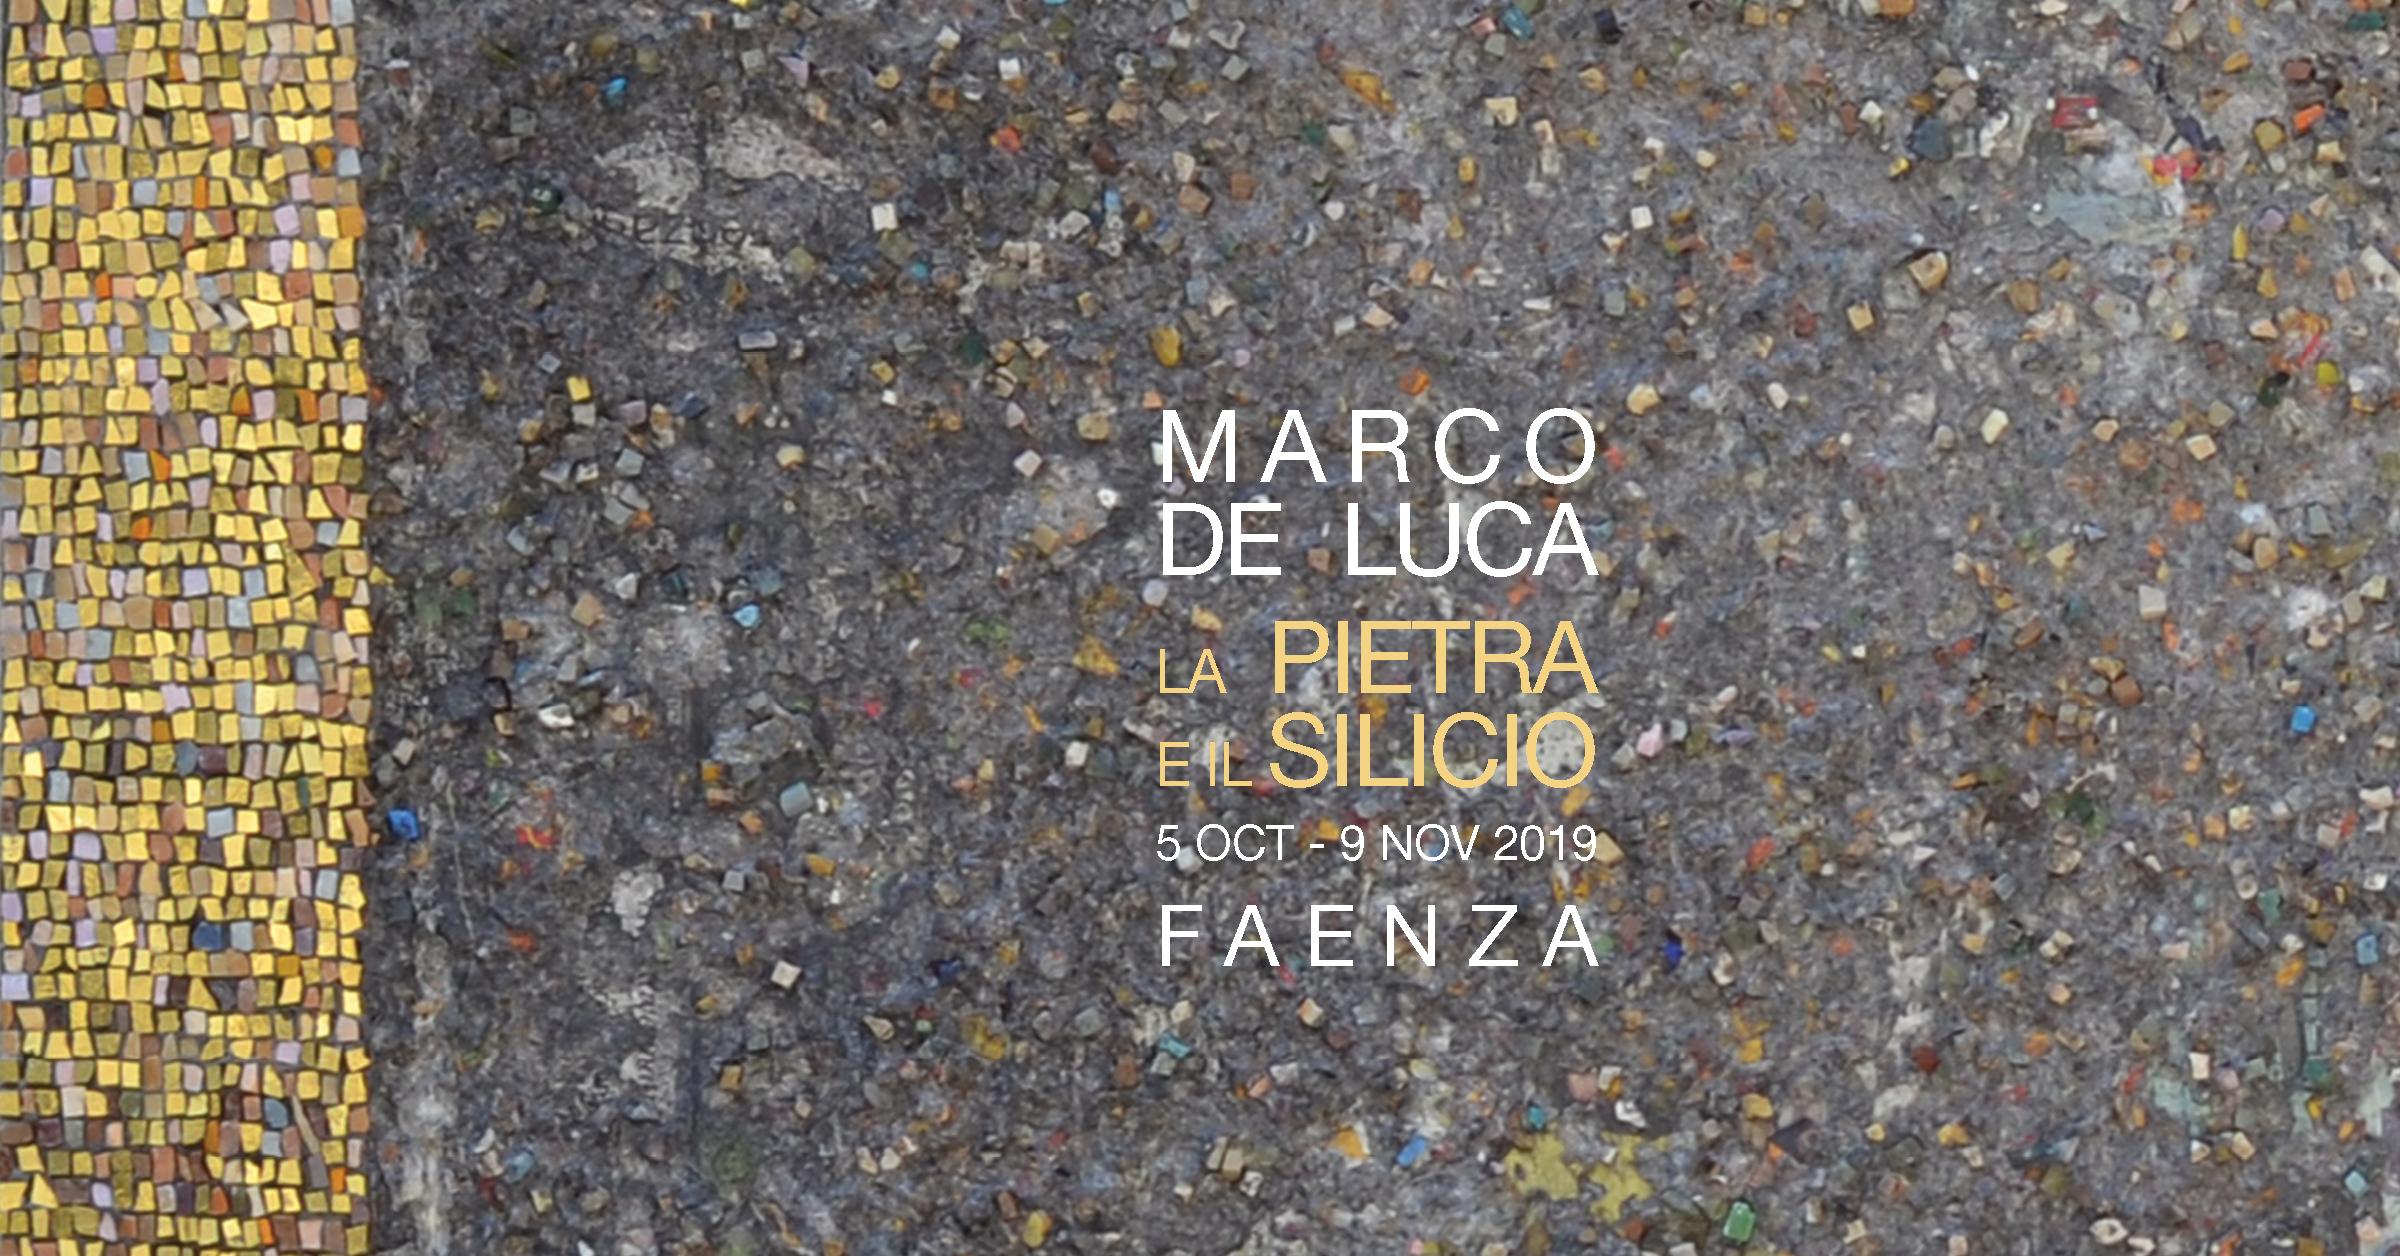 Marco de Luca, La pietra e il silicio